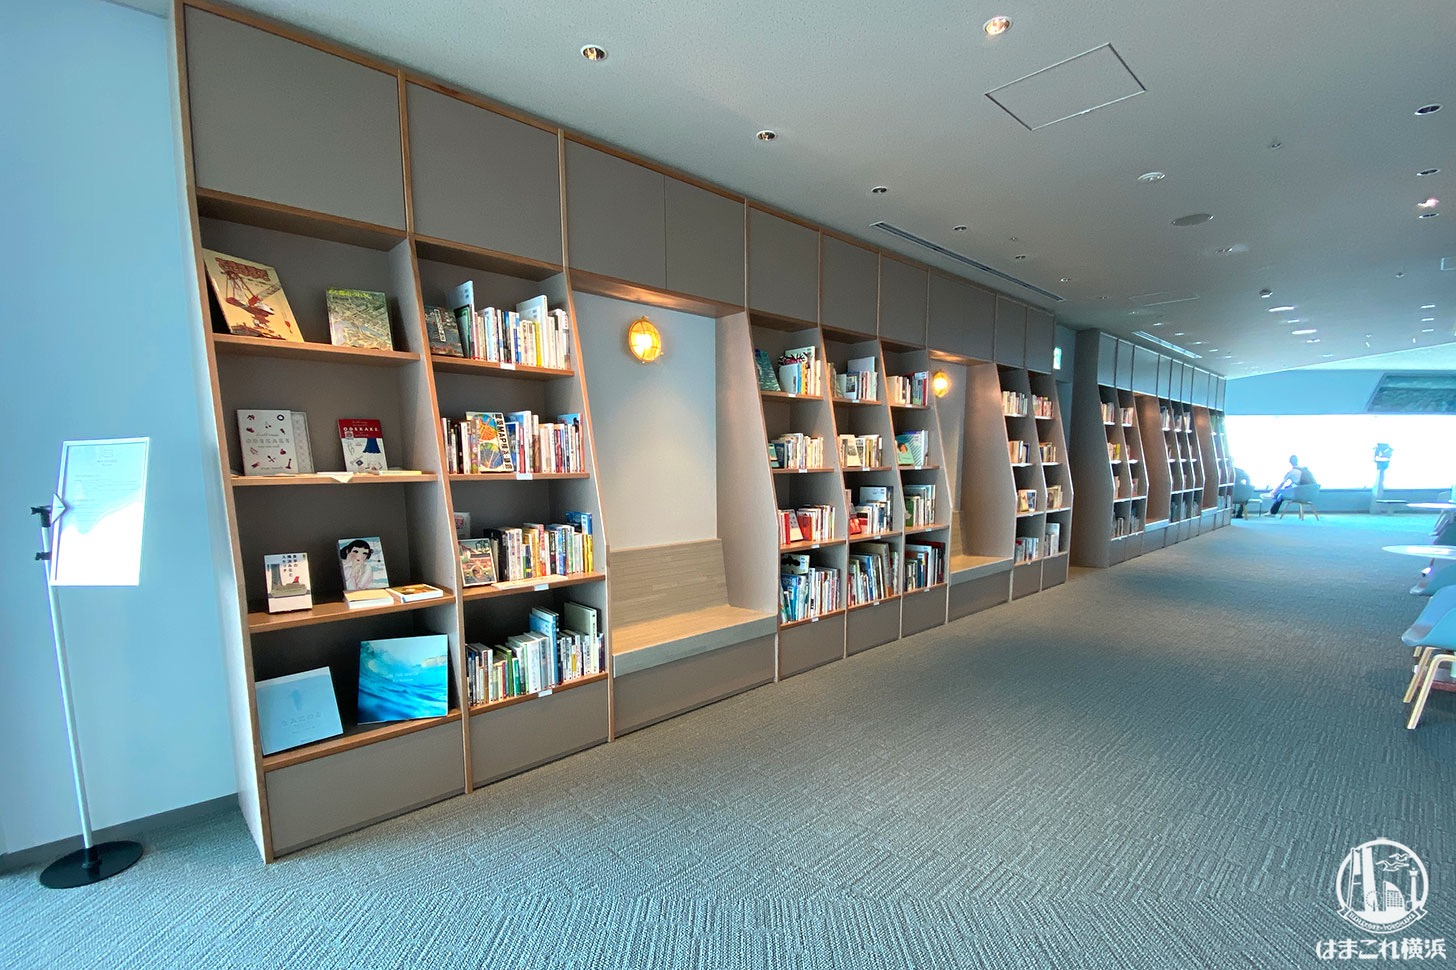 空の図書館